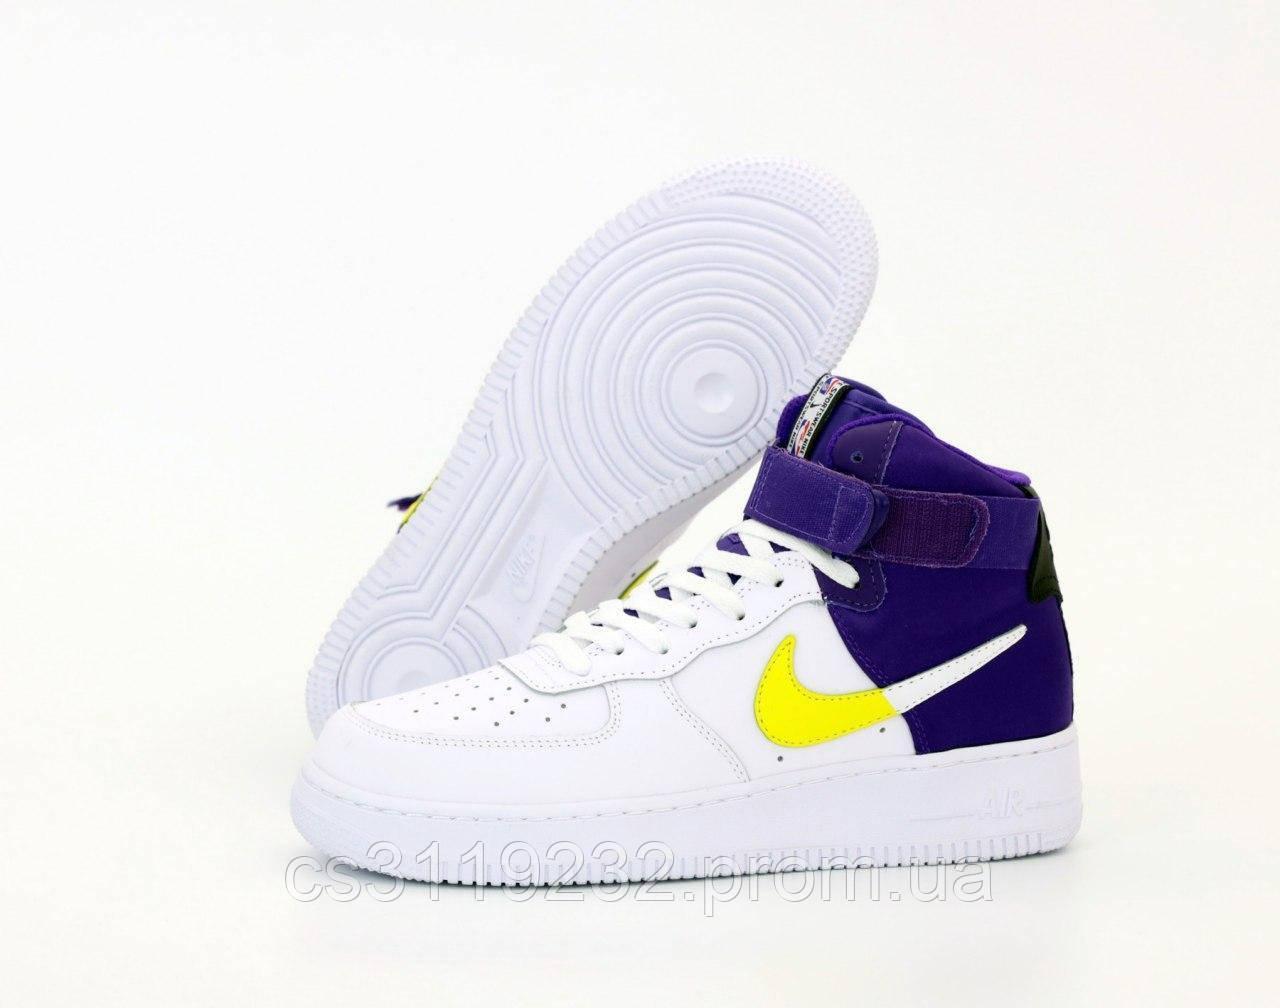 Чоловічі кросівки Nike Air Force 1 High Violet White (фіолетово-білі)